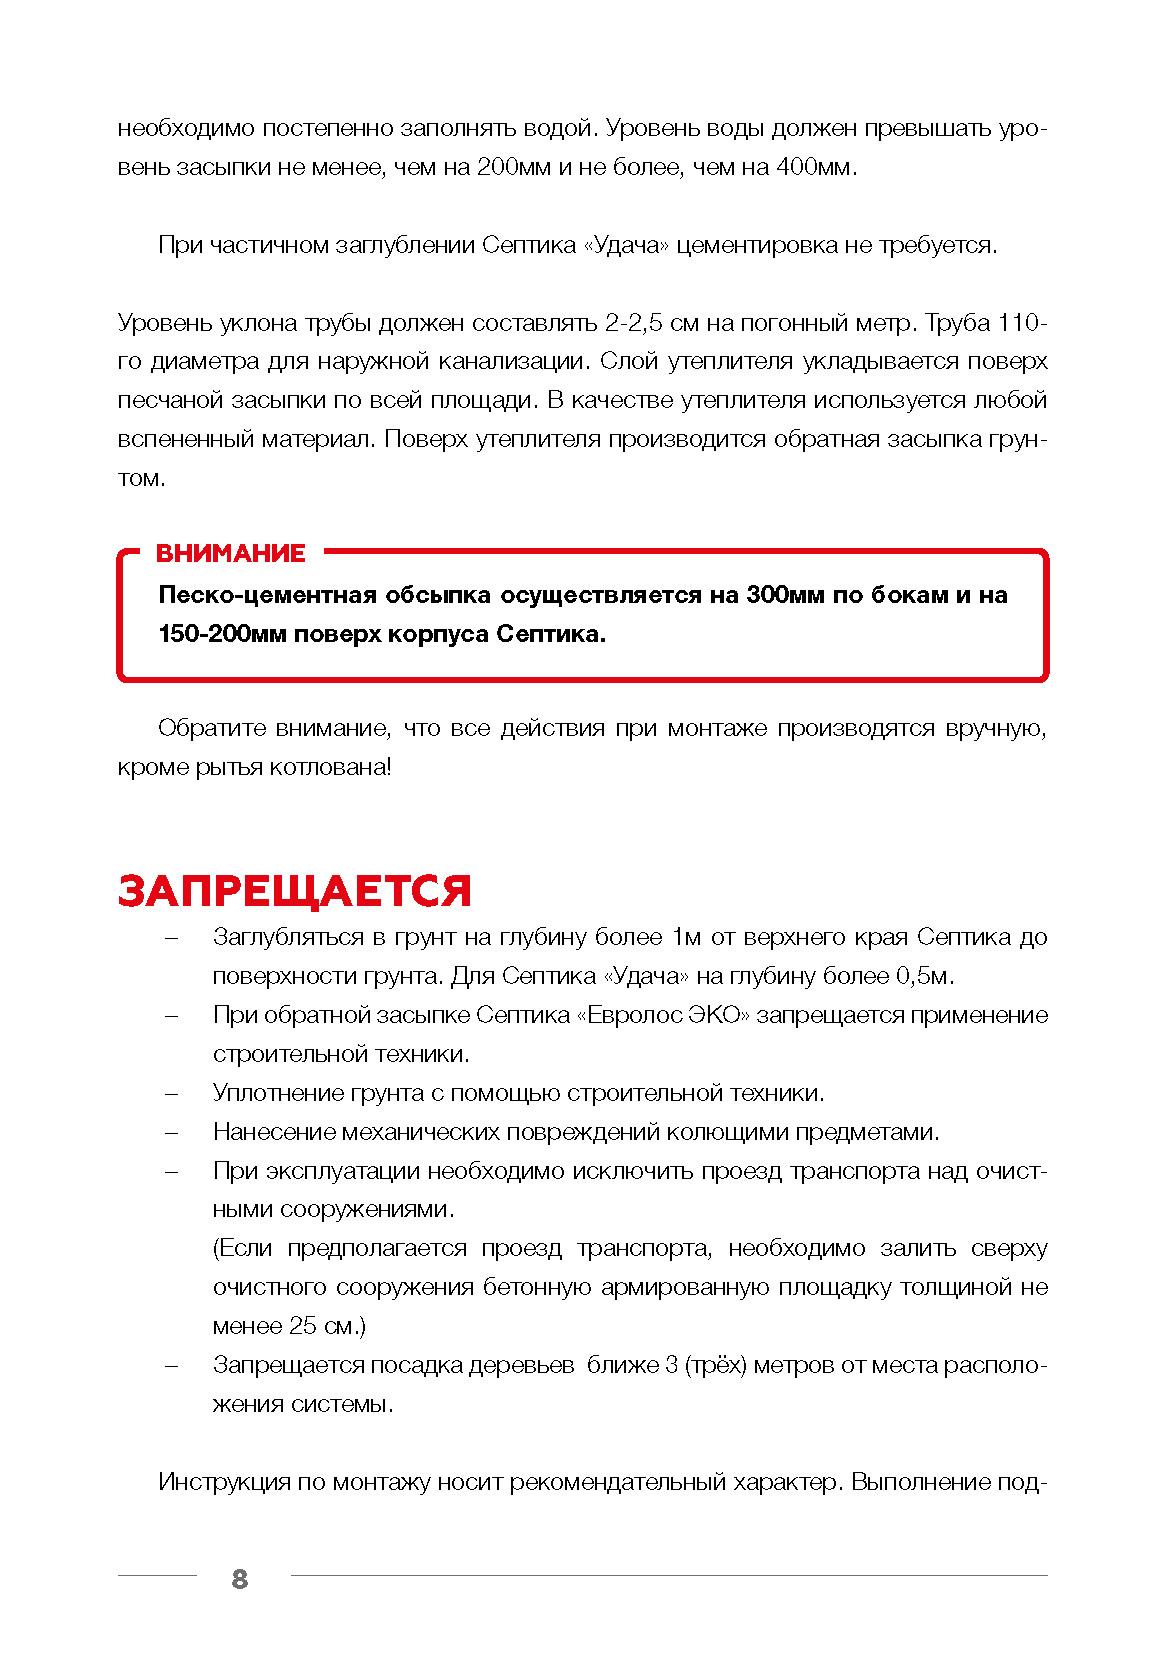 Технический паспорт Евролос Эко_Удача_Страница_10